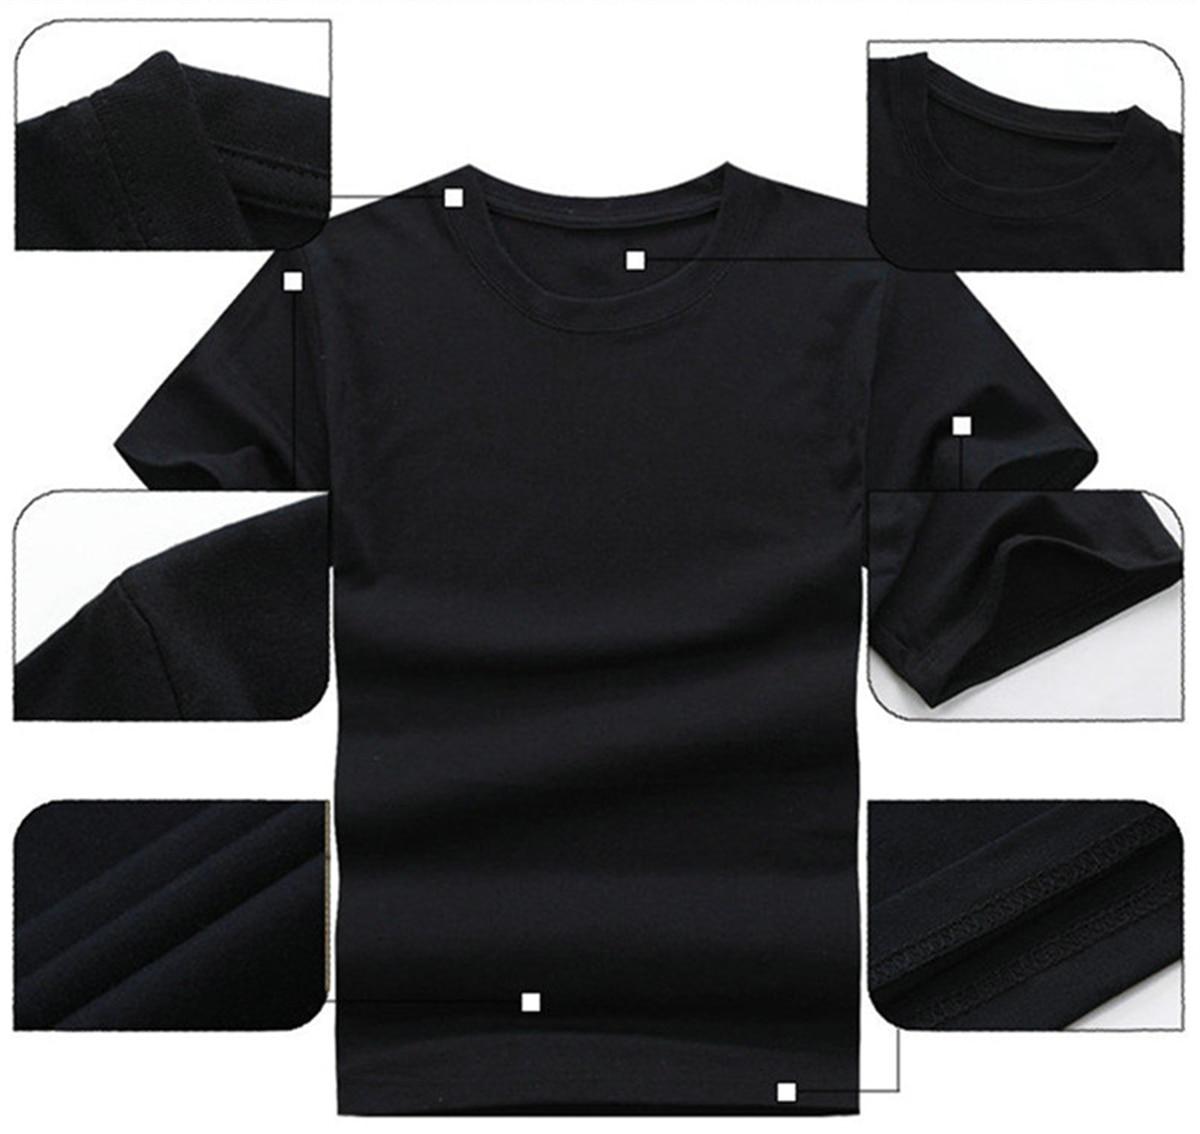 GILDAN Total Solar Eclipse T-Shirt August 21 2017 USA - Blue Womens T-shirt